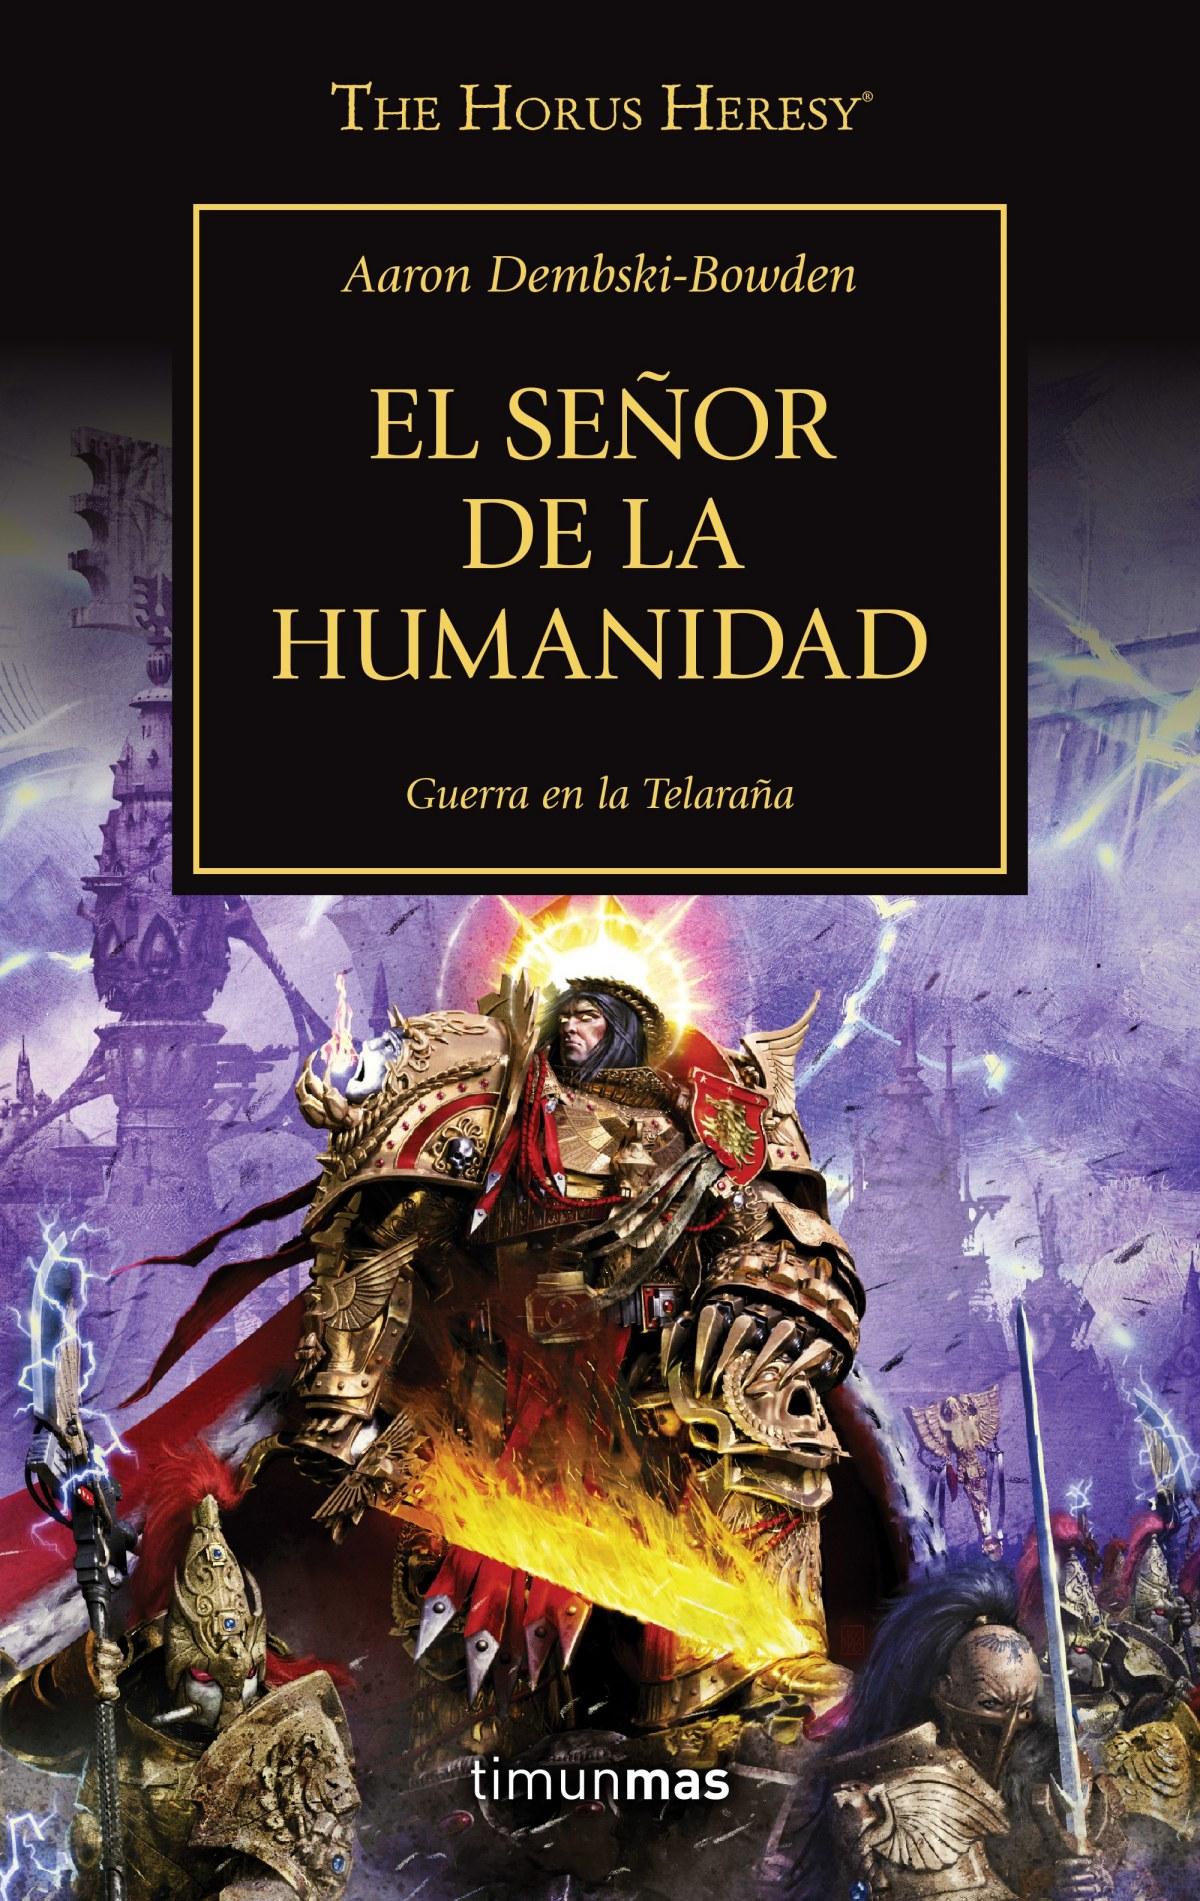 The Horus Heresy nº 41/54 El Señor de la Humanidad